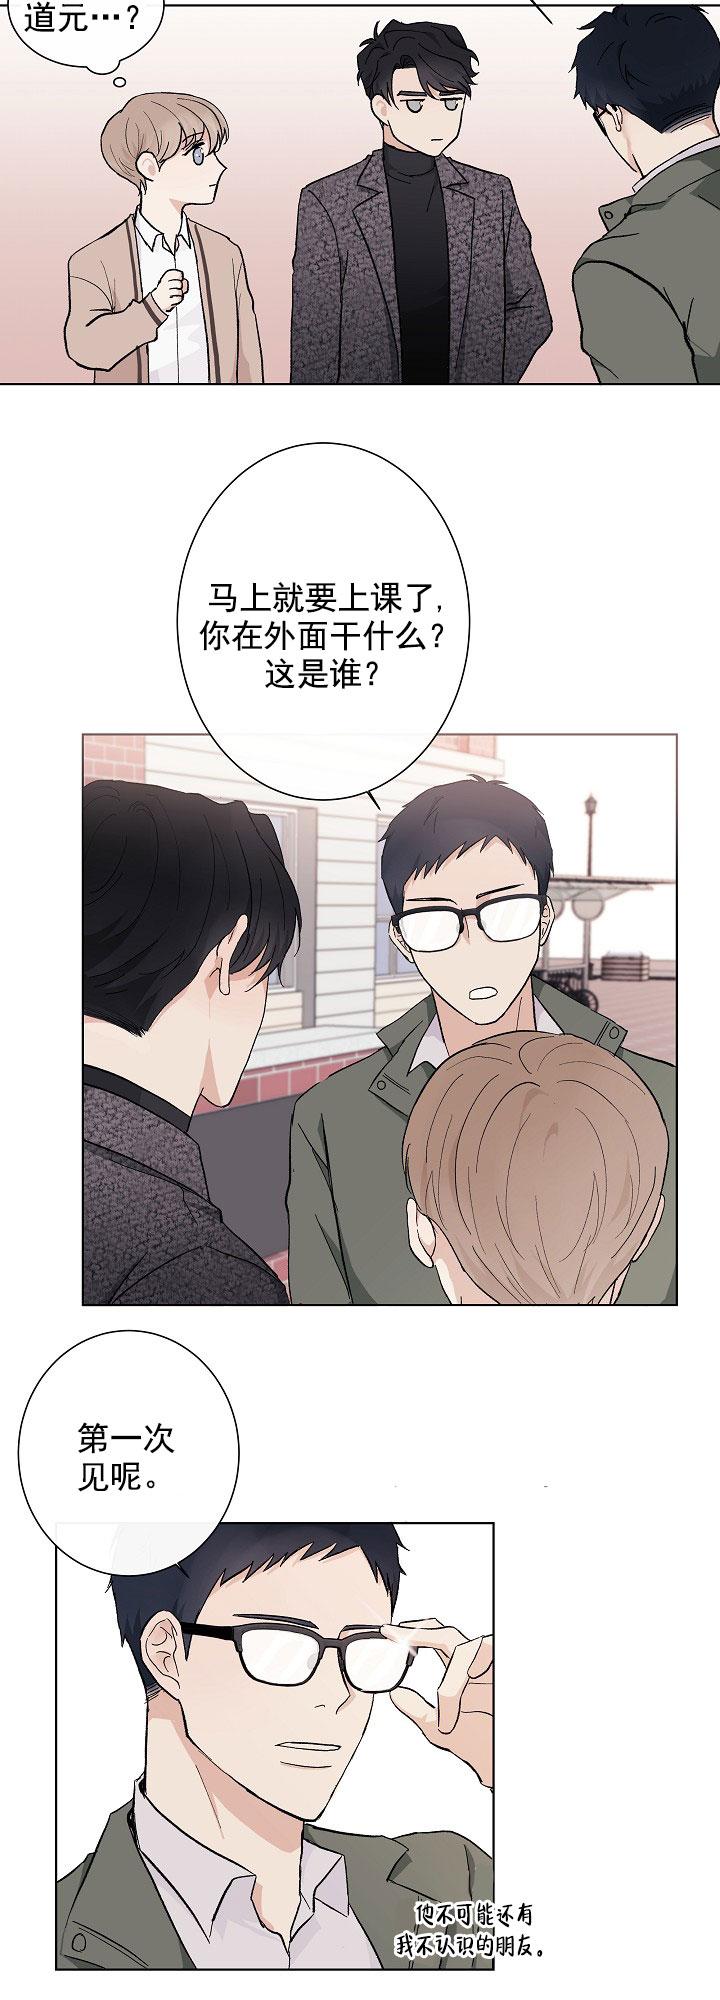 韩漫 |《恋爱练习》  腹黑年下的追妻大计  第16张